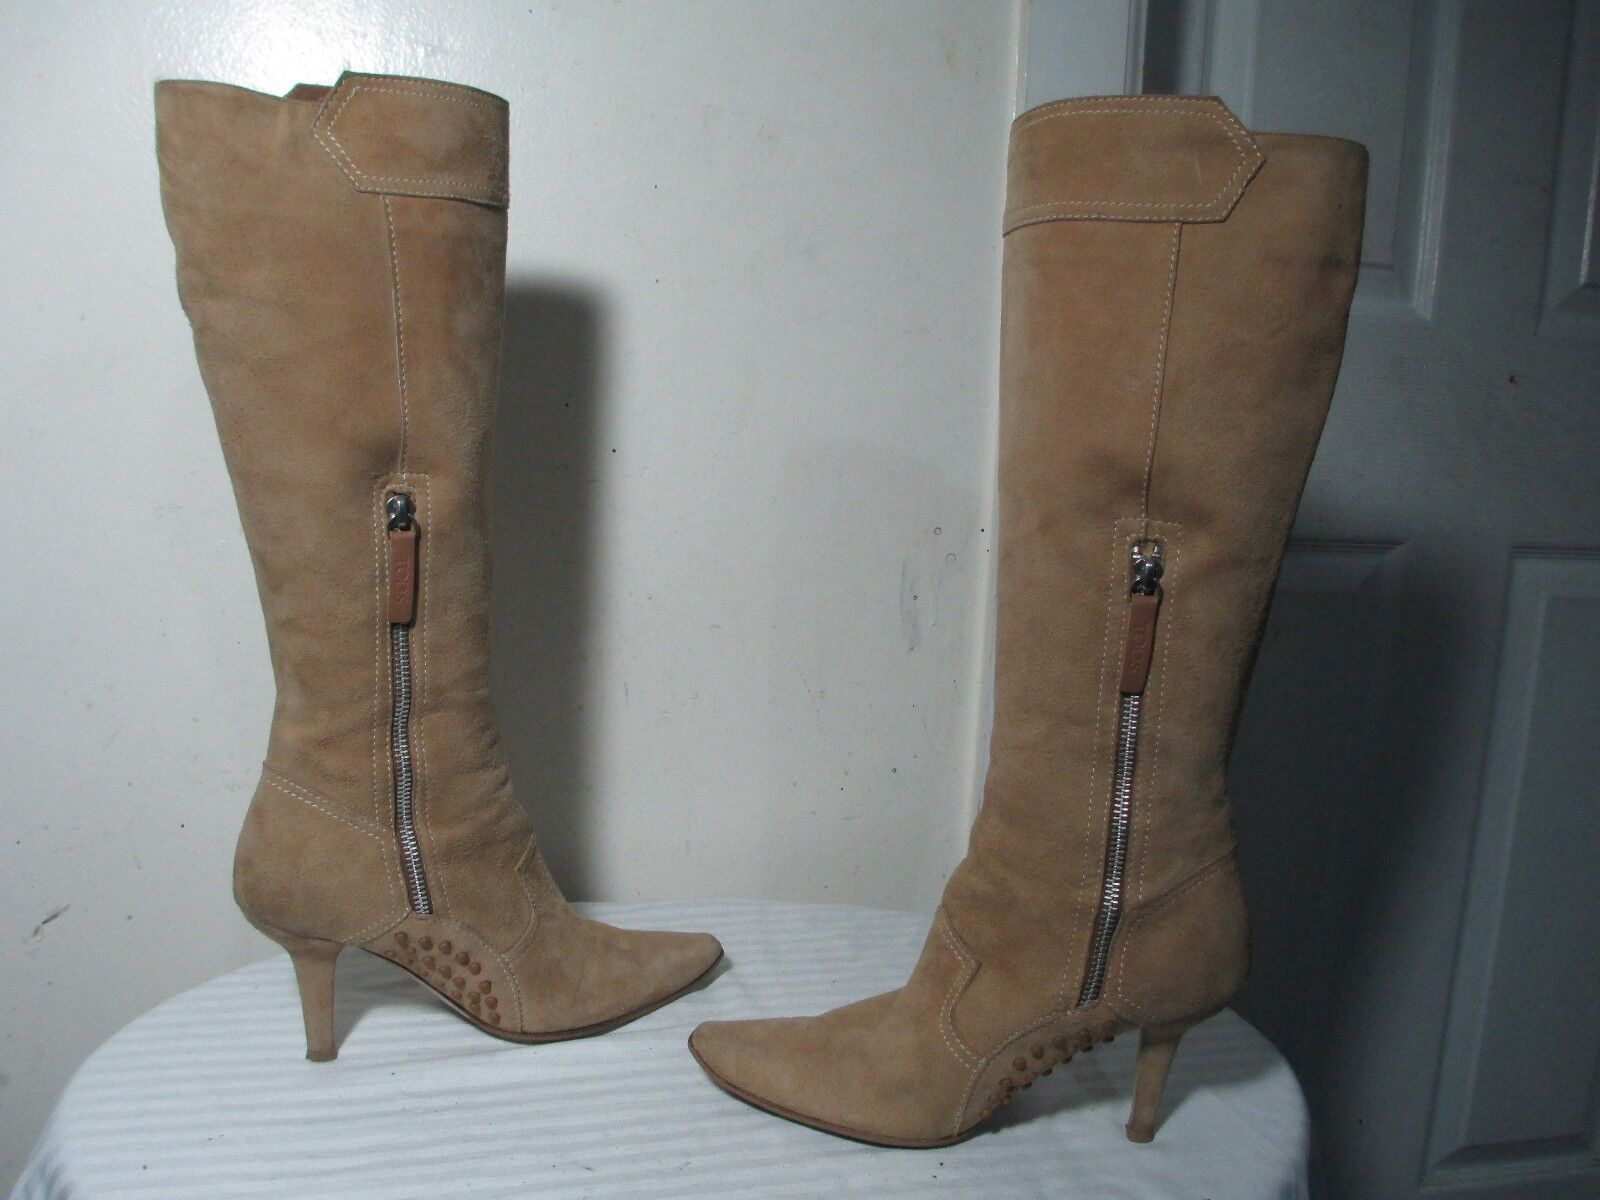 Tod'S Mujer en Ante el logotipo 'T' detalle de de de botones cremallera lateral la rodilla botas altas 36 EE. UU. 5.5  saludable